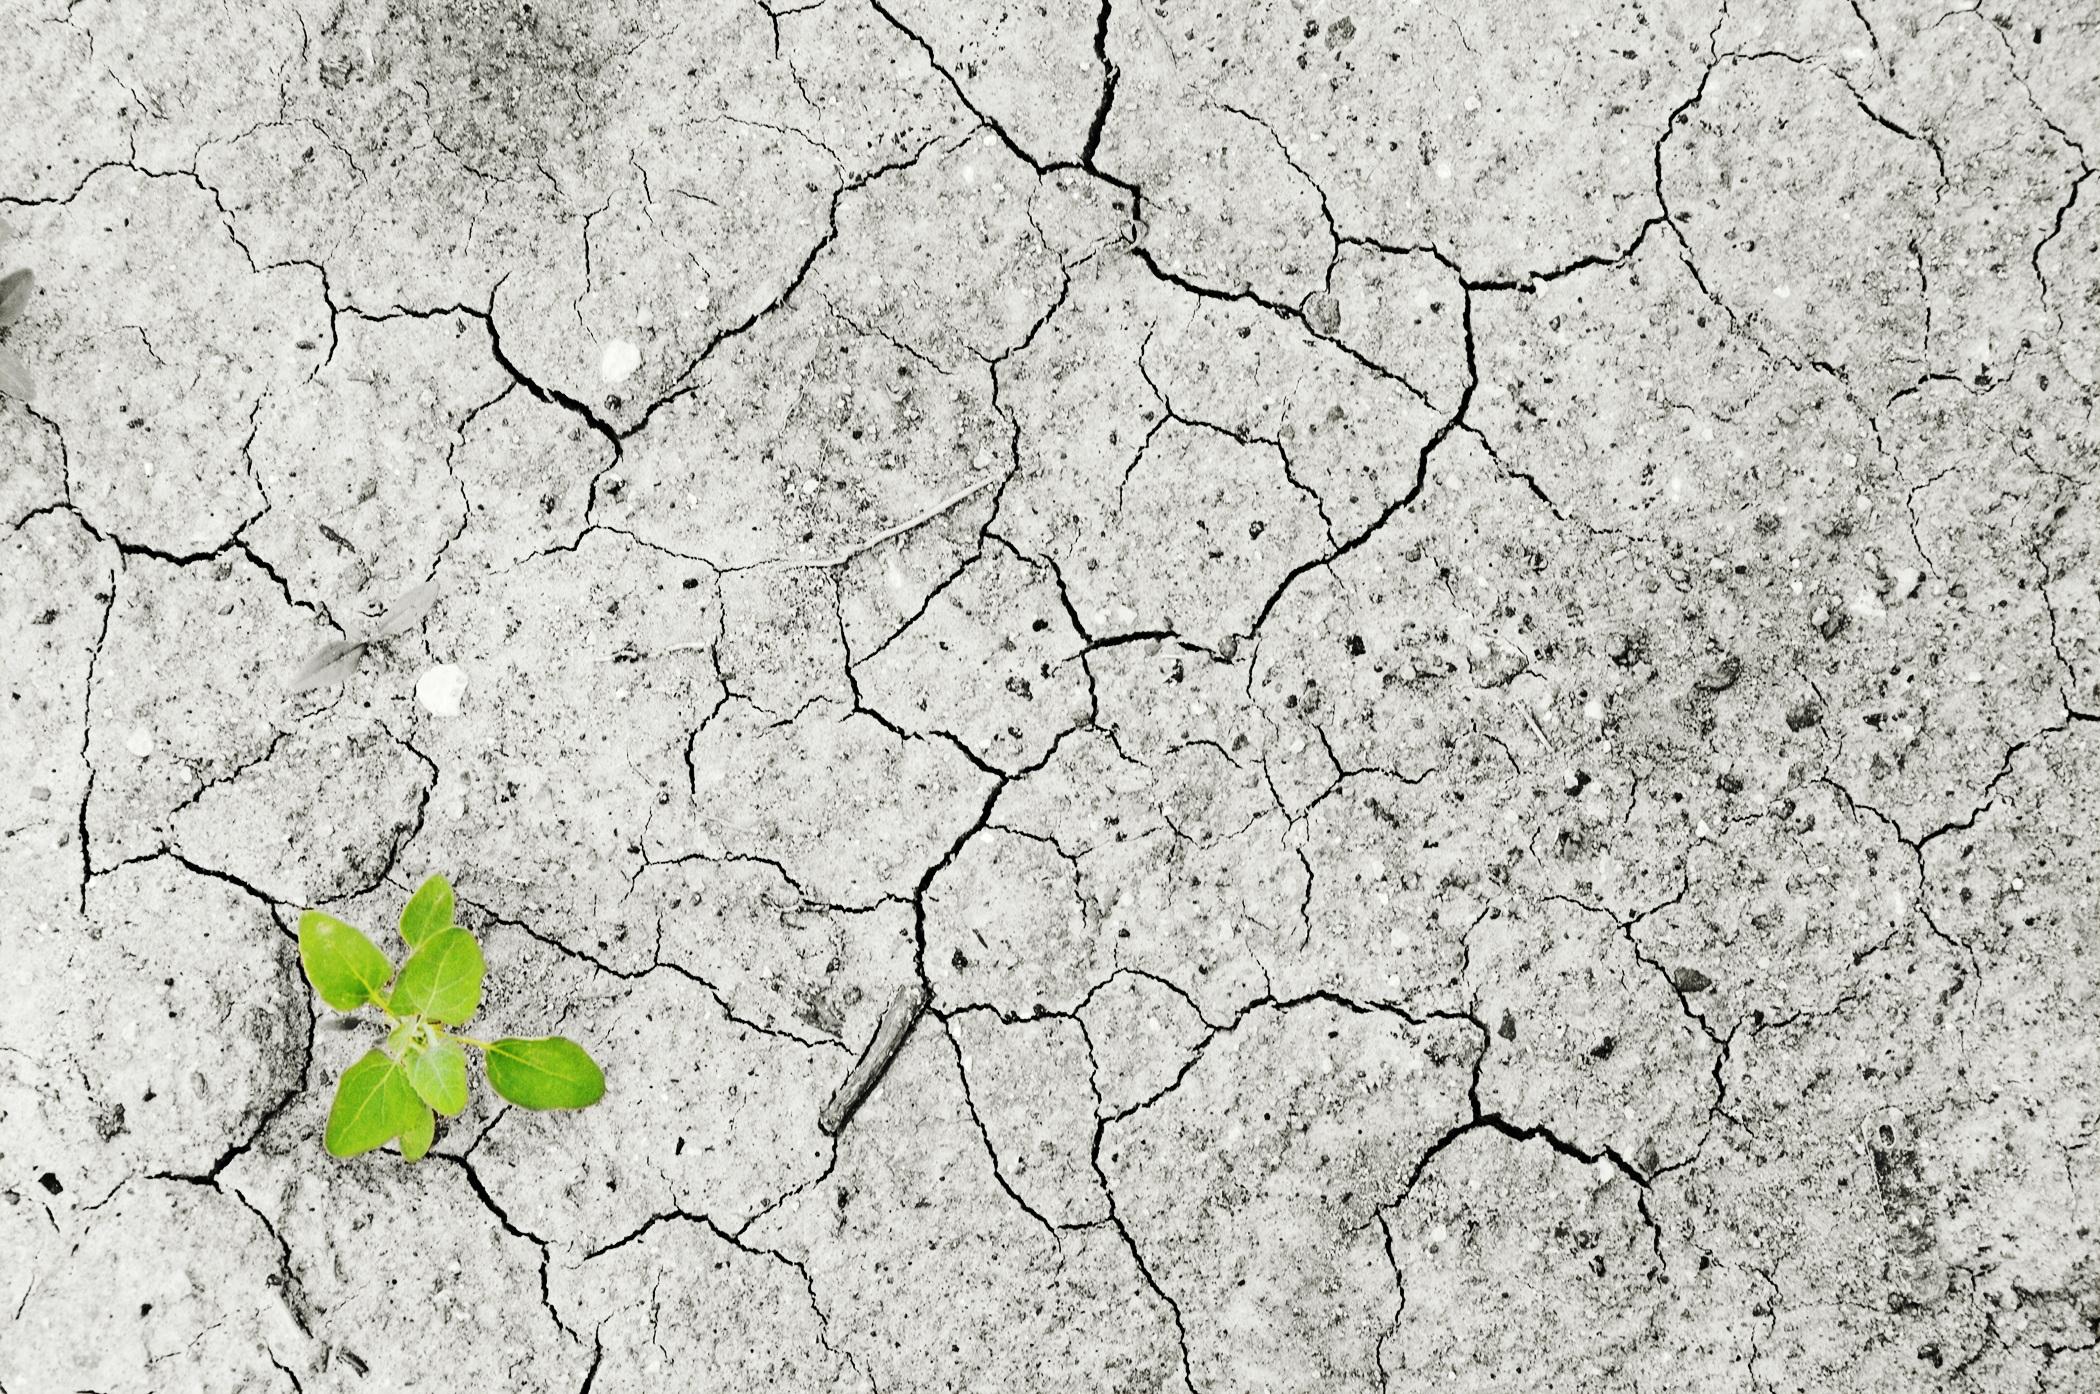 Délit d'« écocide » : l'homme, coupable ou victime ?